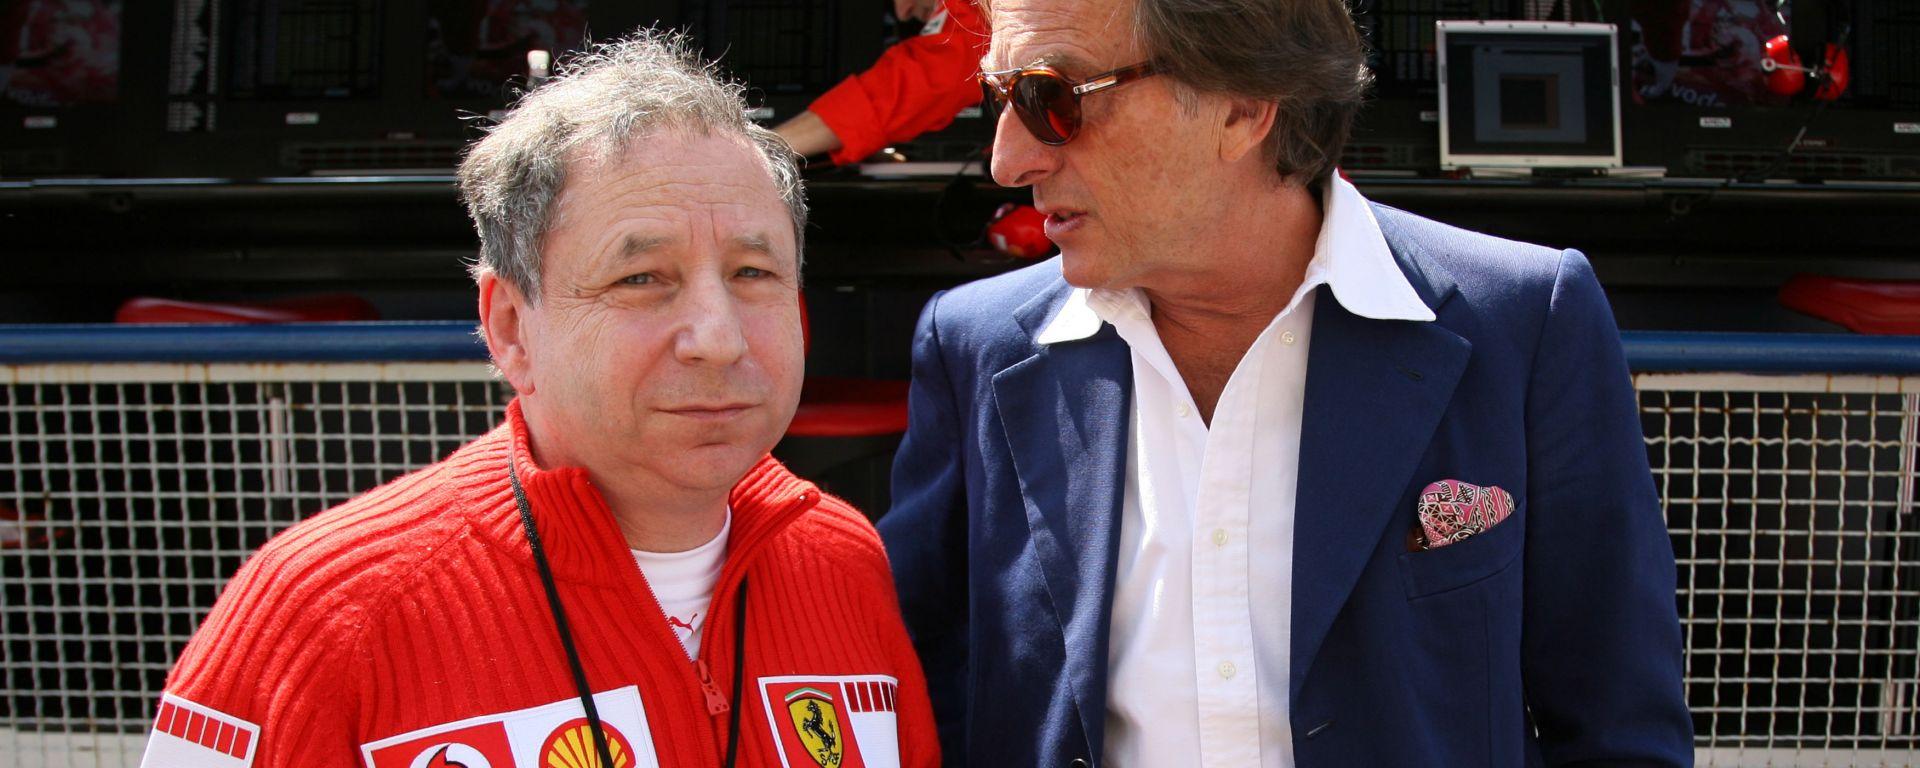 F1 GP Italia 2006, Monza: Luca Cordero di Montezemolo con l'allora team principal Ferrari, Jean Todt